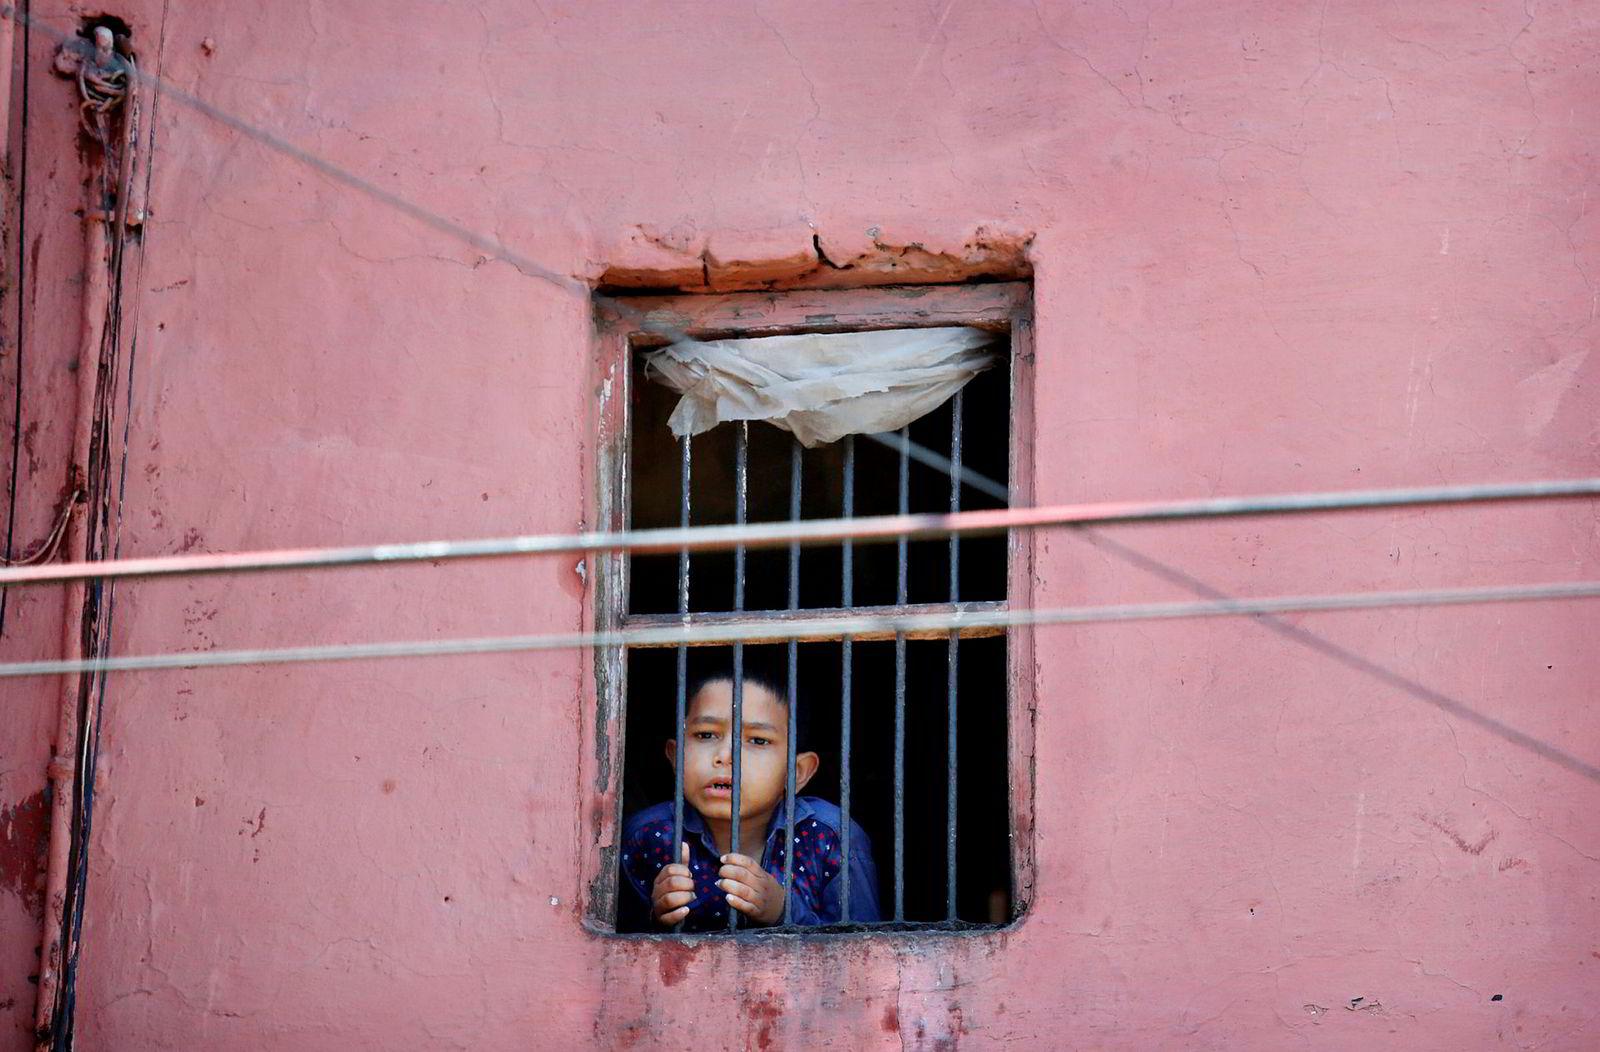 India har registrert 775 koronasmittede og 19 dødsfall, men det er frykt for ukontrollert spredning blant millioner av mennesker som bor i fattige og trange omgivelser. Her fra gamlebyen i Delhi fredag. En fjerdedel av befolkningen i India lever under fattigdomsgrensen. Mer enn en million mennesker regnes som hjemløse.